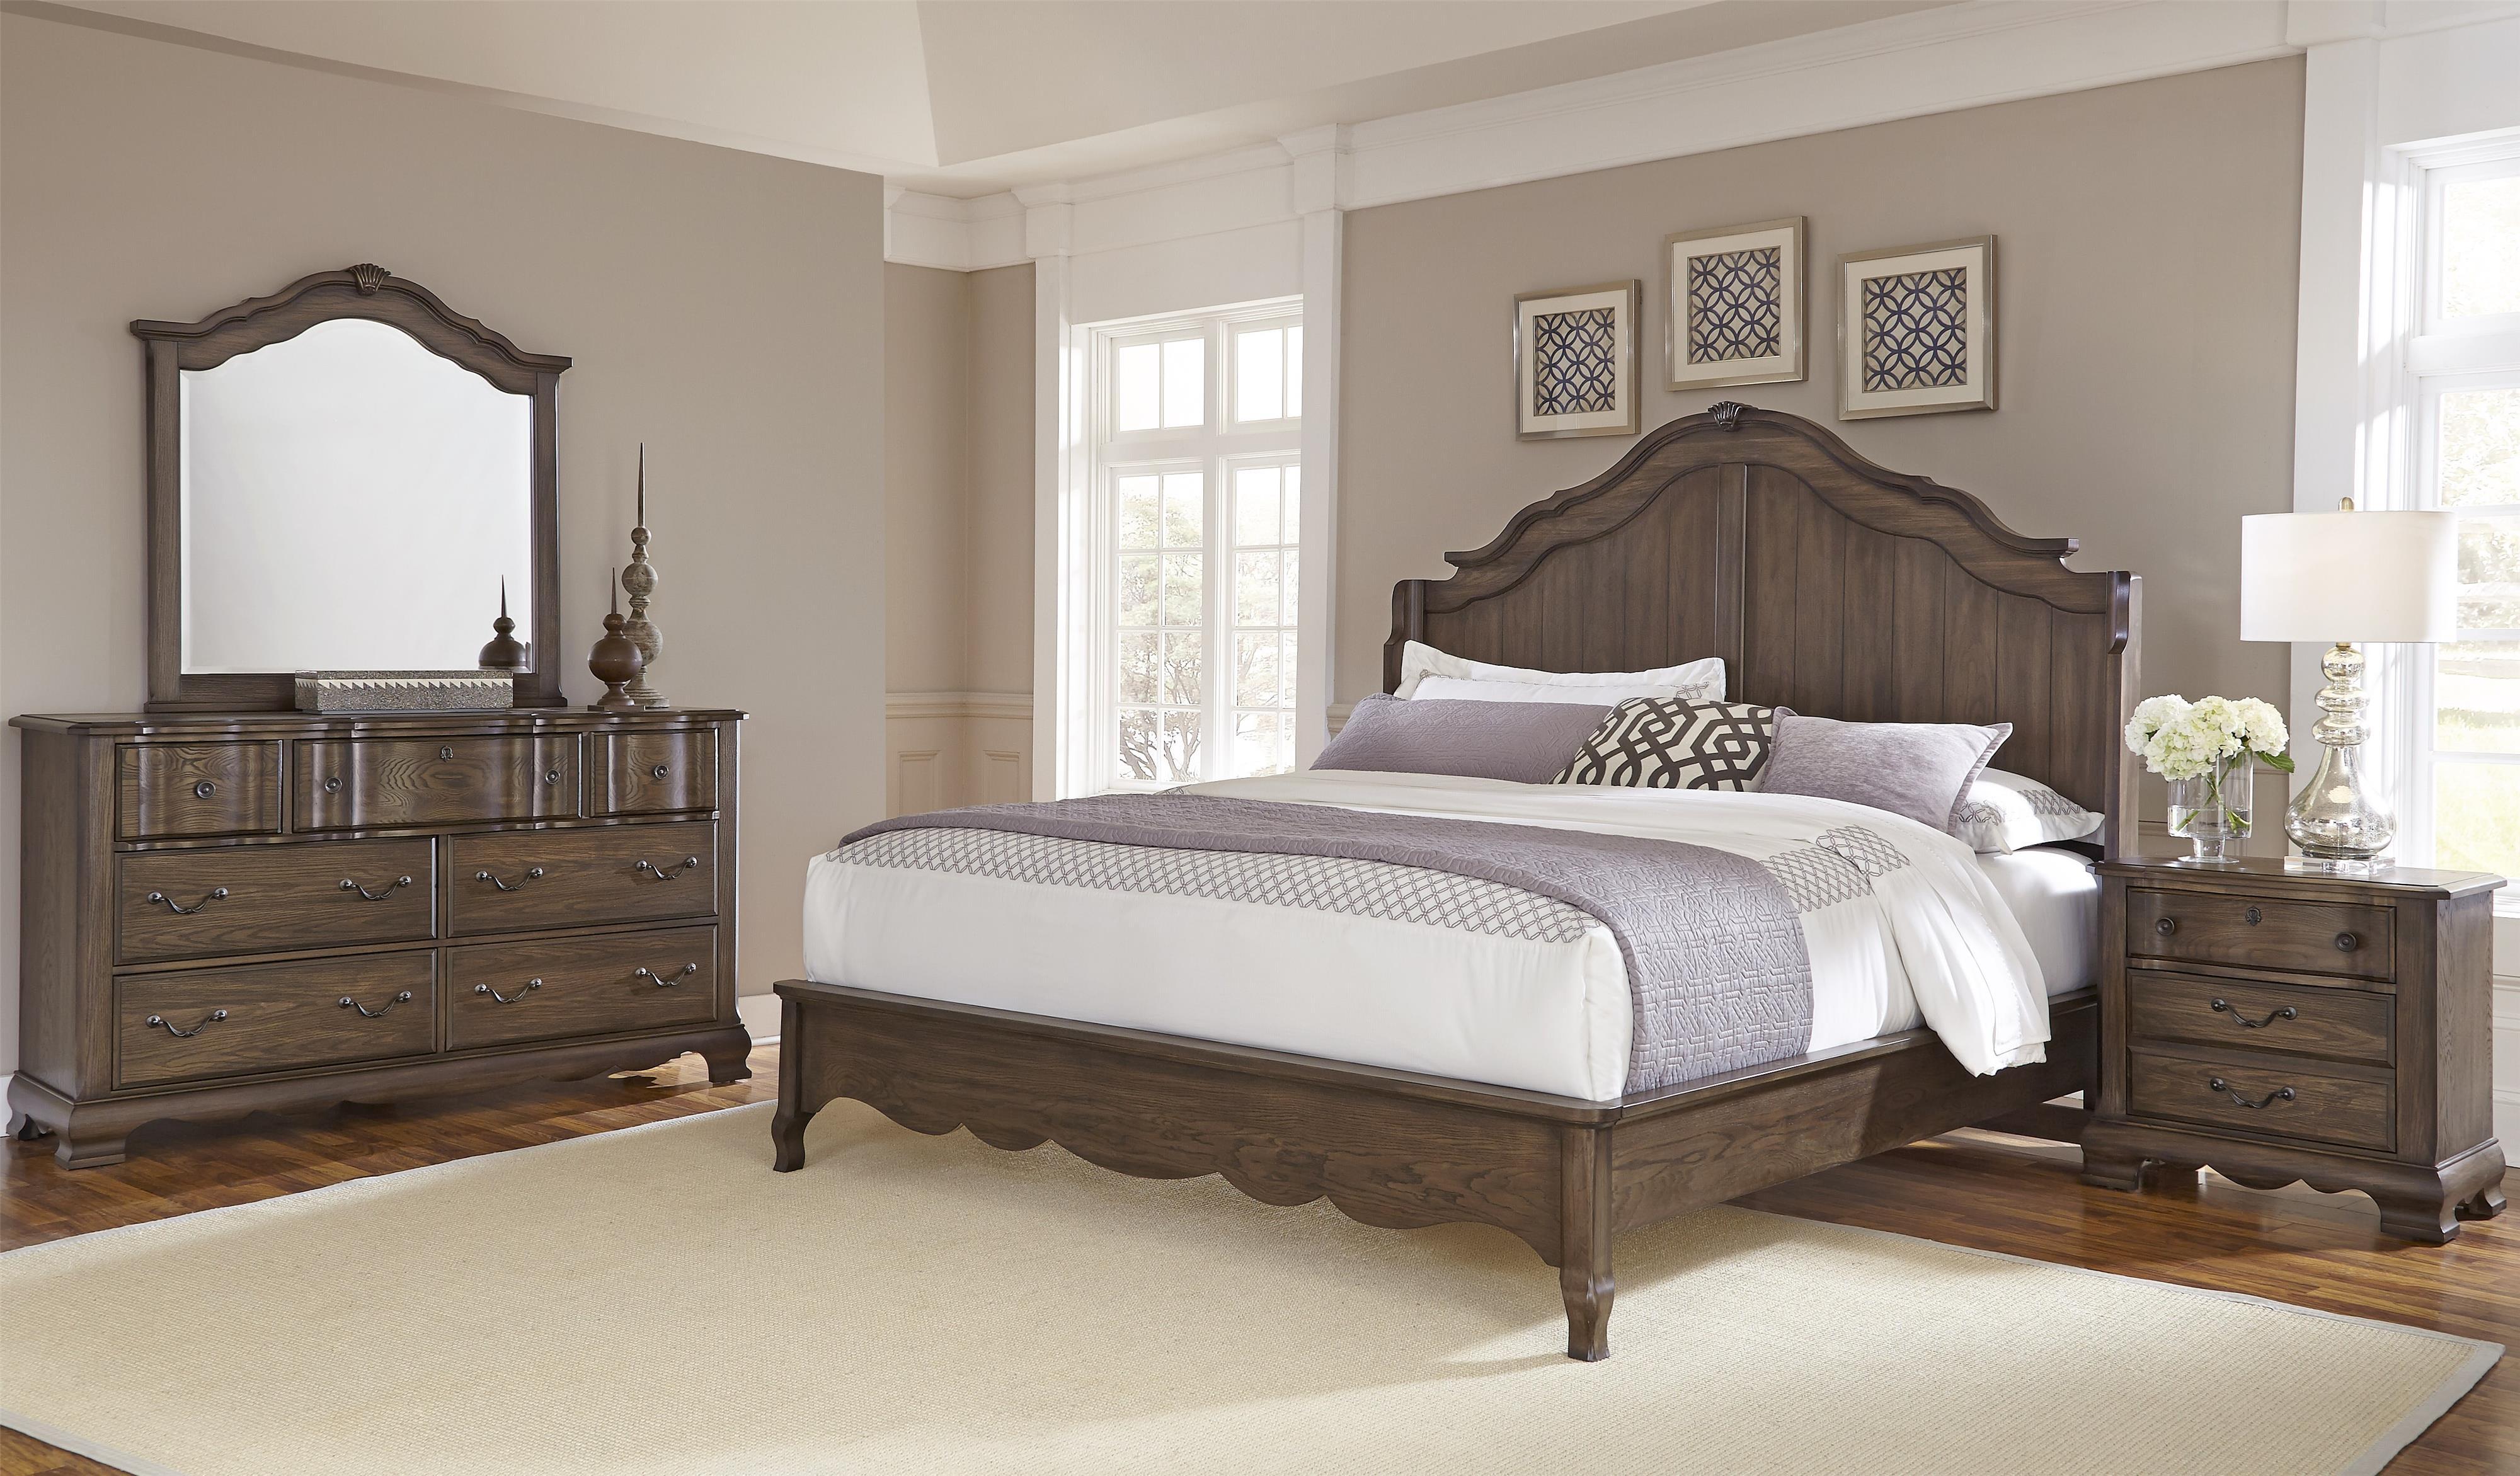 Vaughan Bassett Villa Sophia King Bedroom Group - Item Number: 520 K Bedroom Group 1